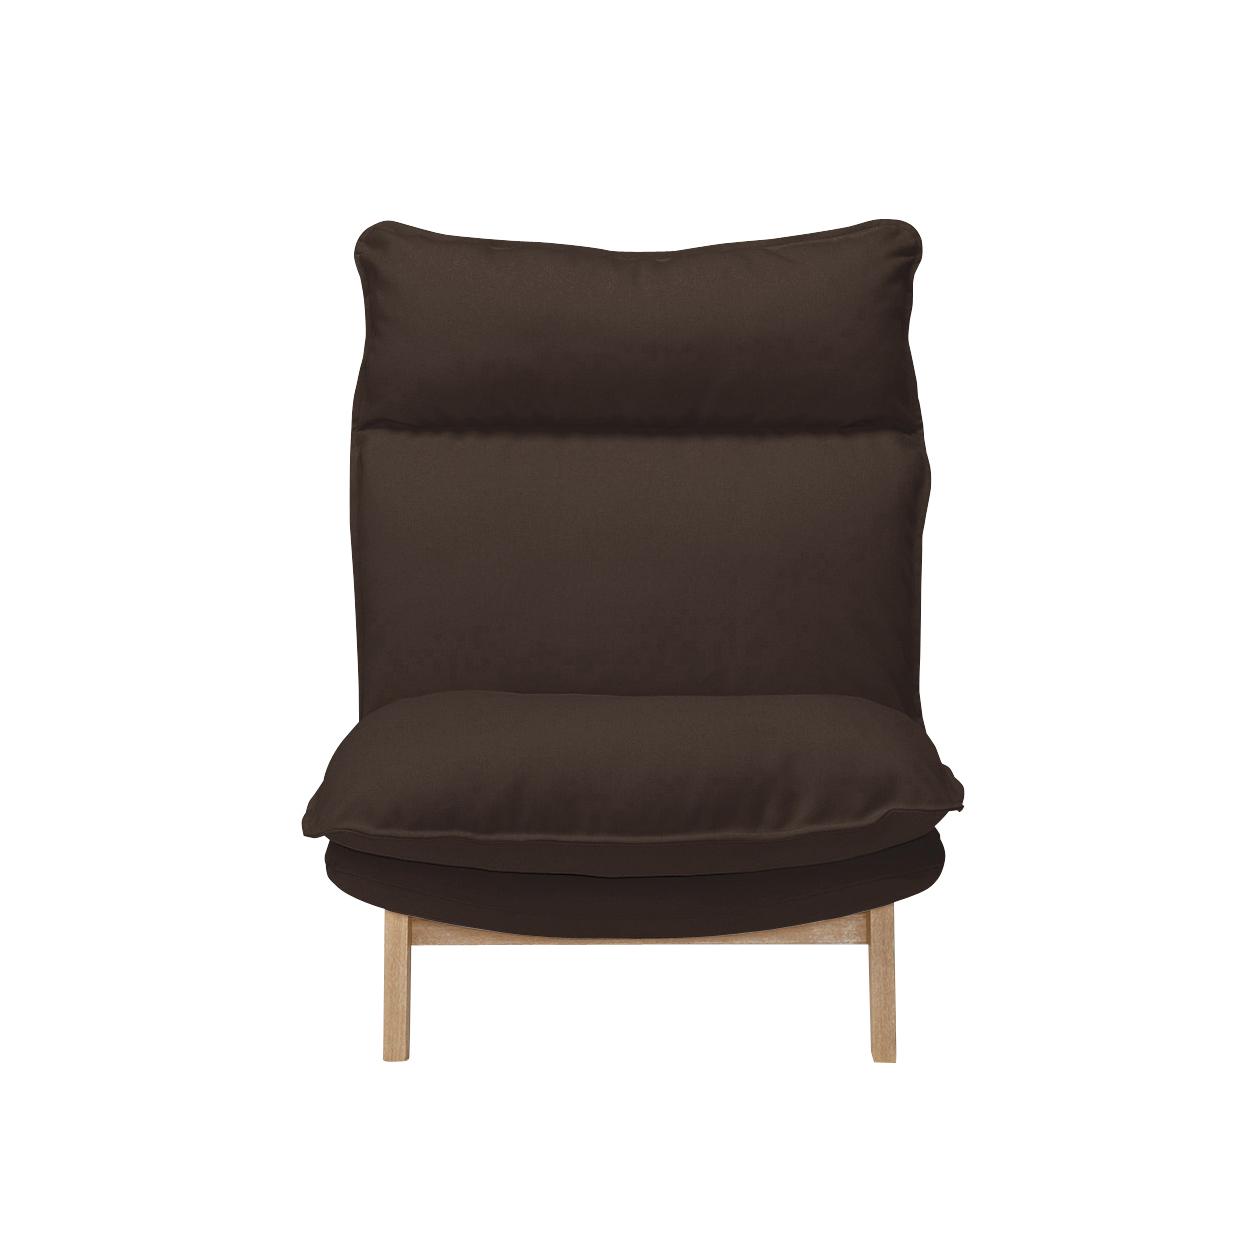 MUJI высокая Лежащий диван с спинкой и миддотом, 1 & middot; Полиэфирная прослойка / коричневый